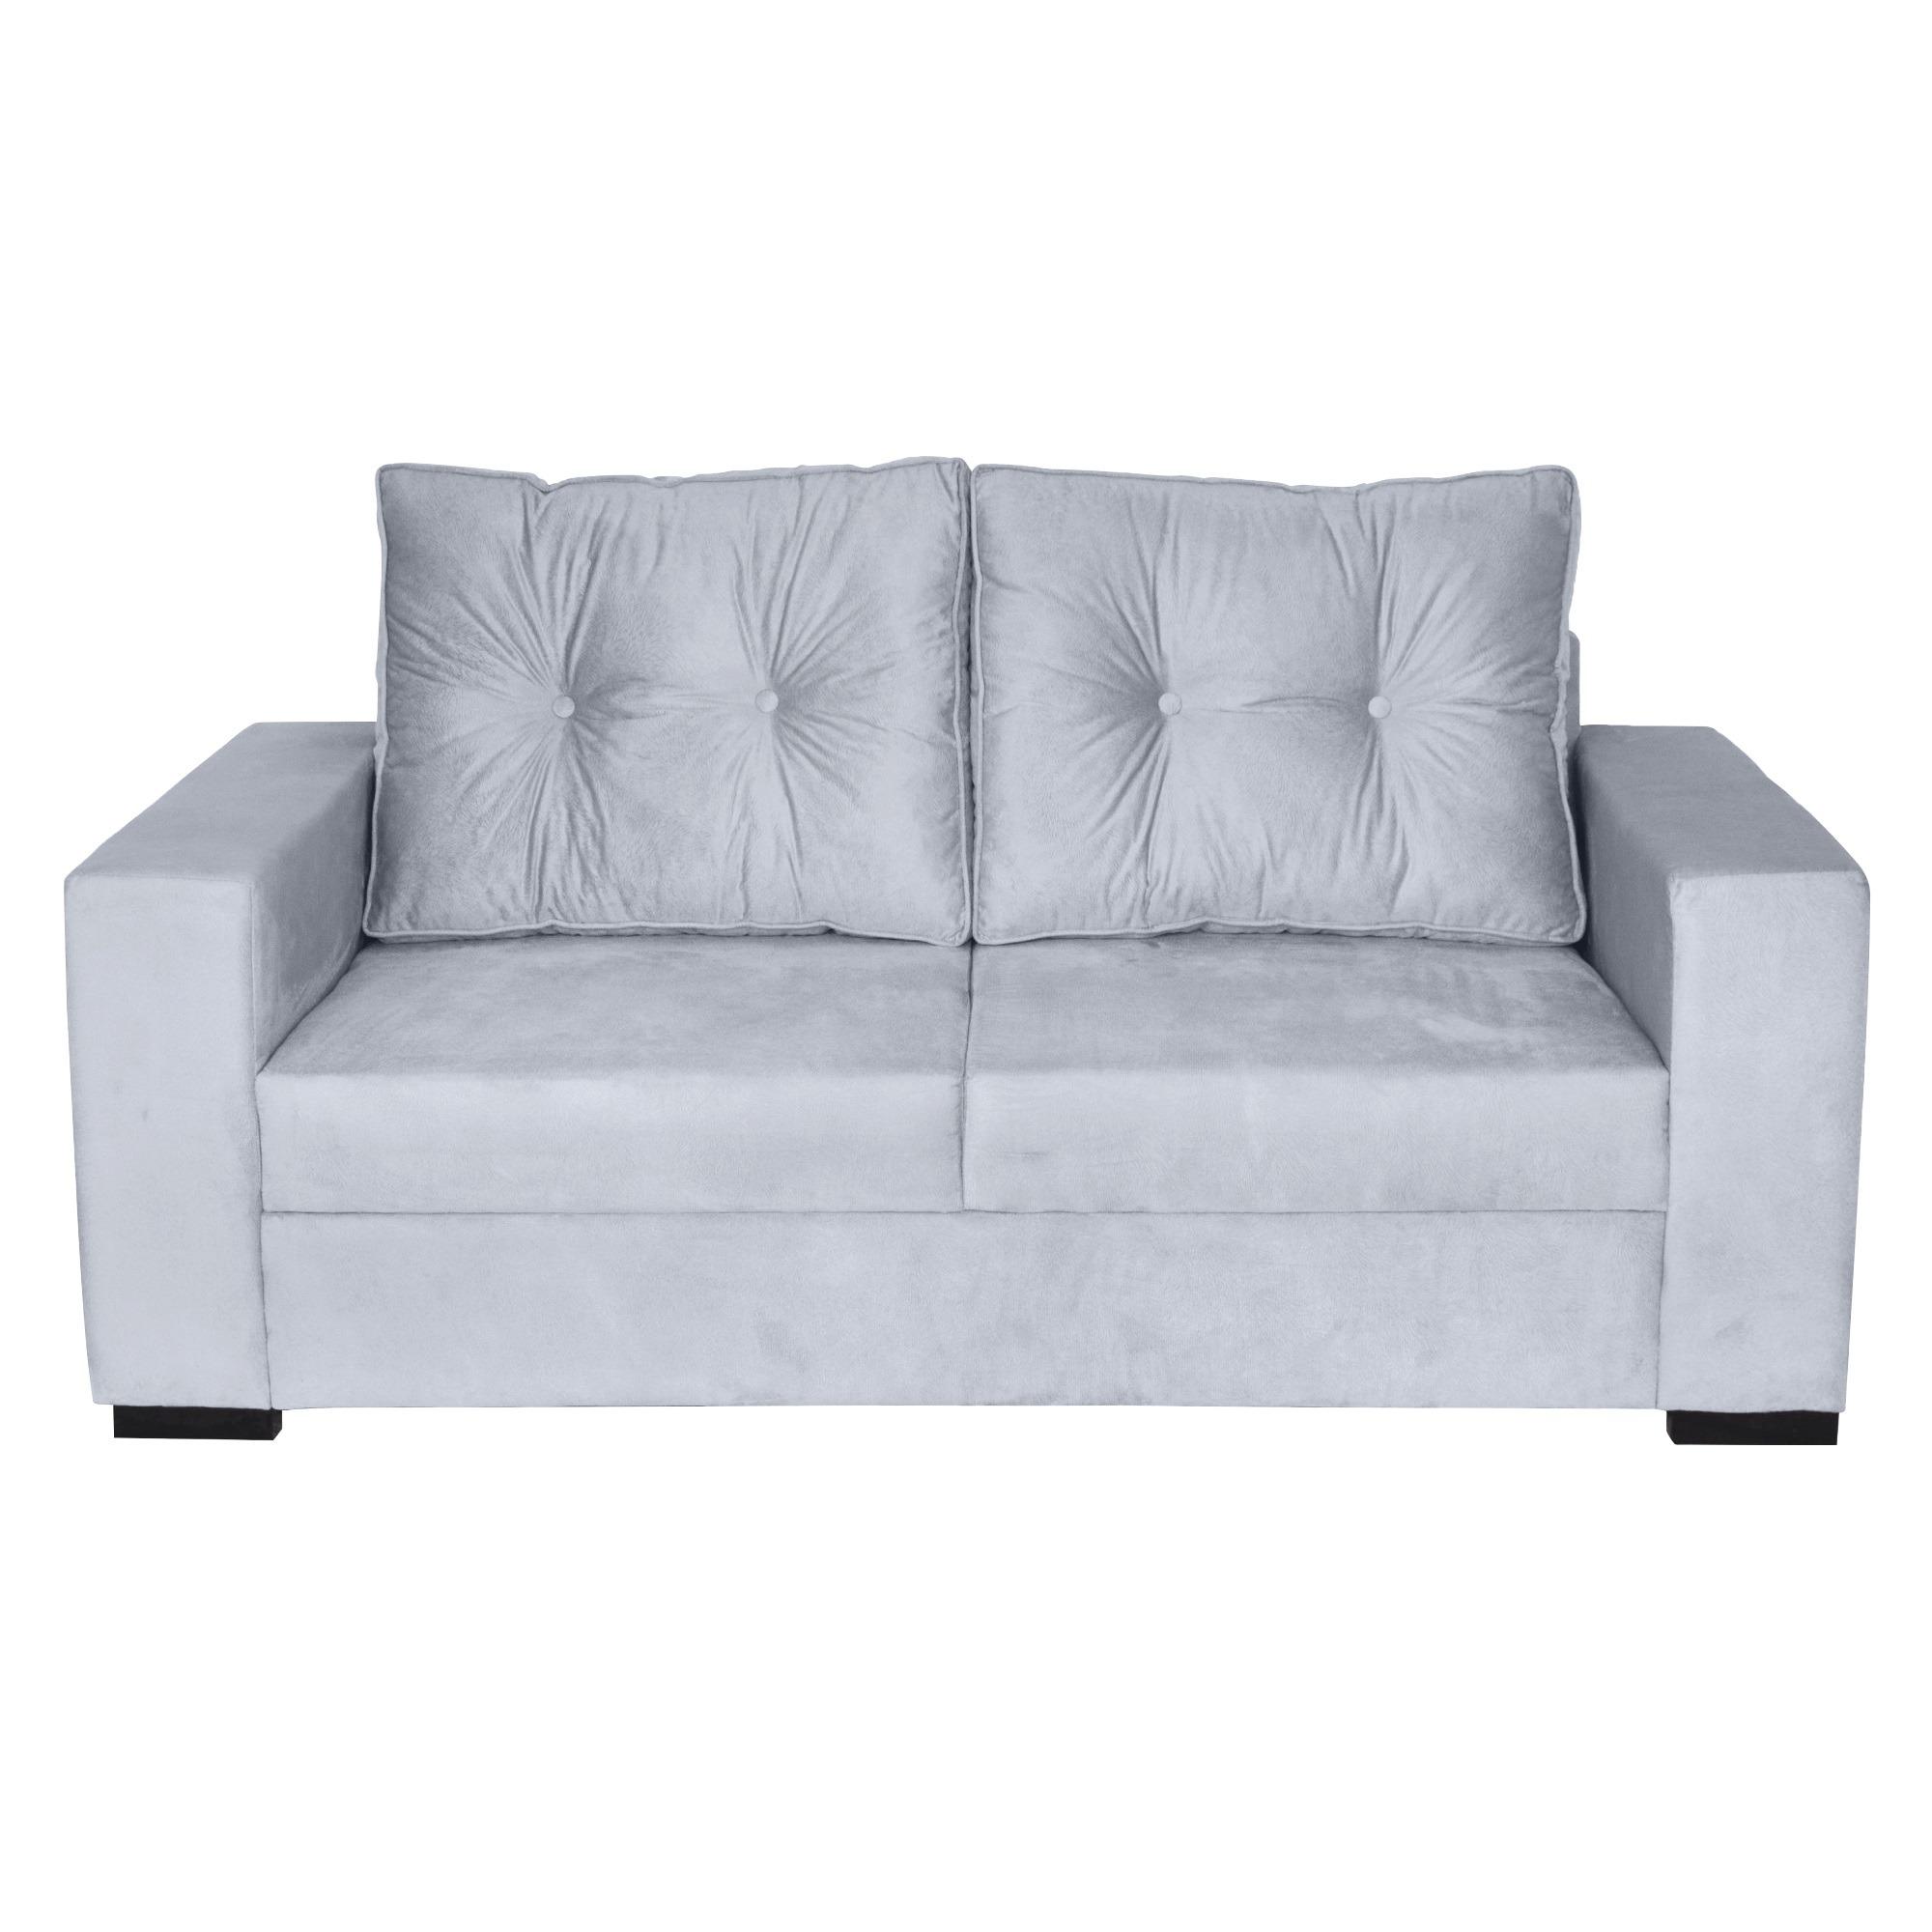 Sofa 3 Lugares Londres Royal Savage Suede Cinza Claro 189 cm